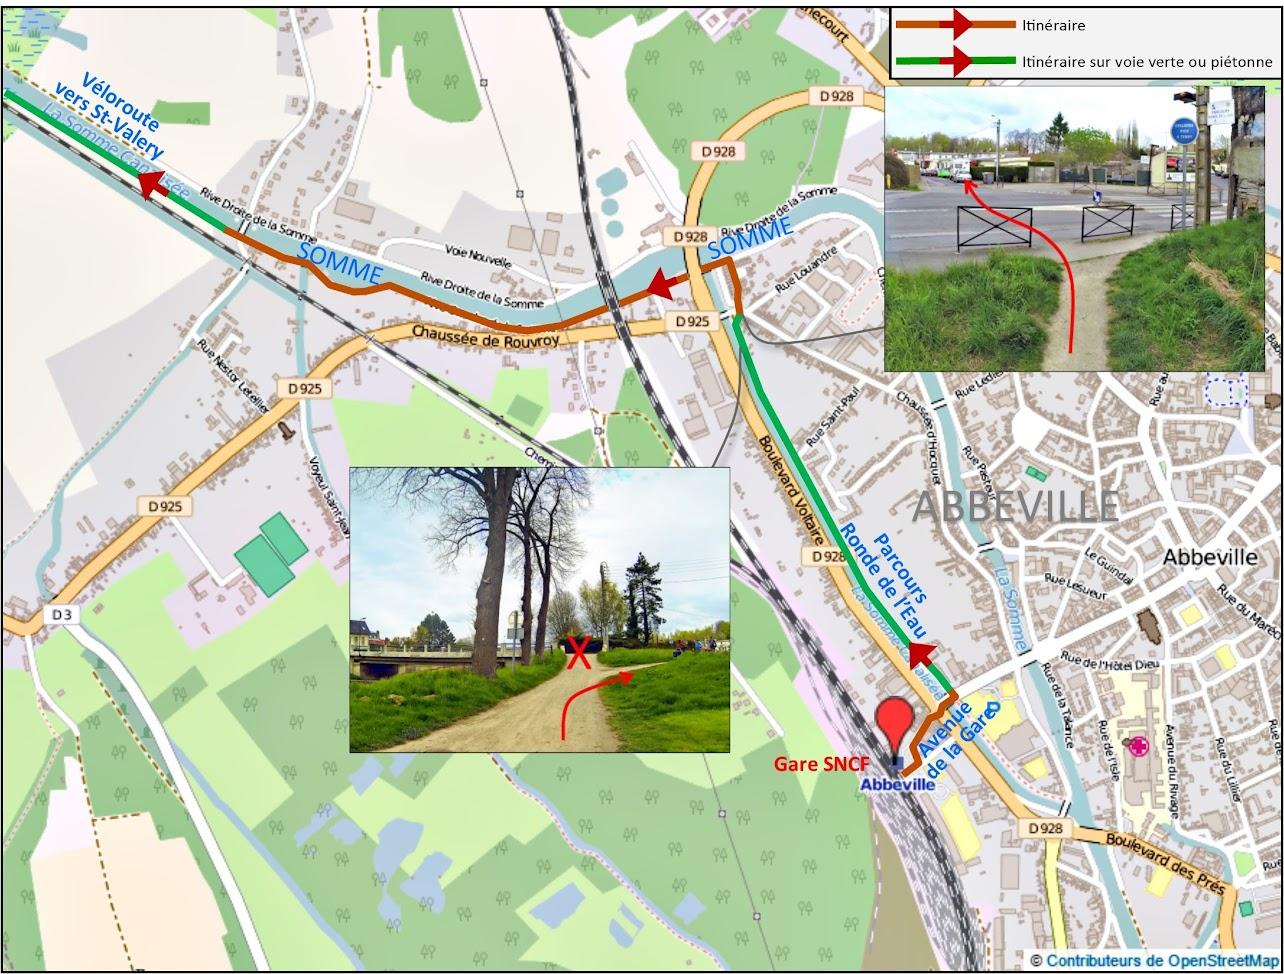 Notre carte détaillée pour partir de la gare SNCF d'Abbeville vers St Valery sur Somme à vélo via la véloroute Vallée de Somme - Blog La Baie de Somme à vélo depuis Paris par veloiledefrance.com